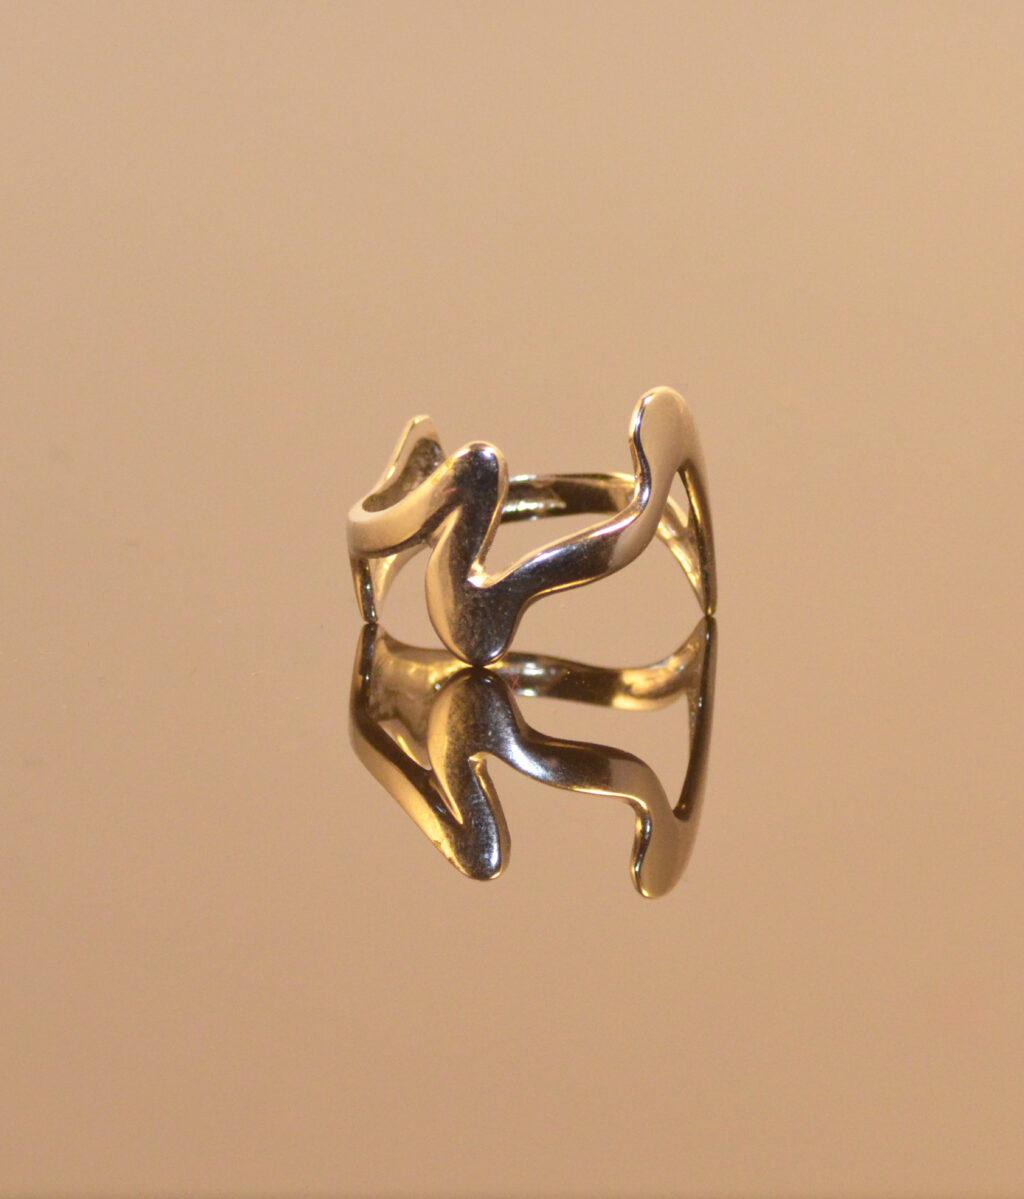 41230b Jagged Ring Verzilverd Yazzy's Fashion Accessories